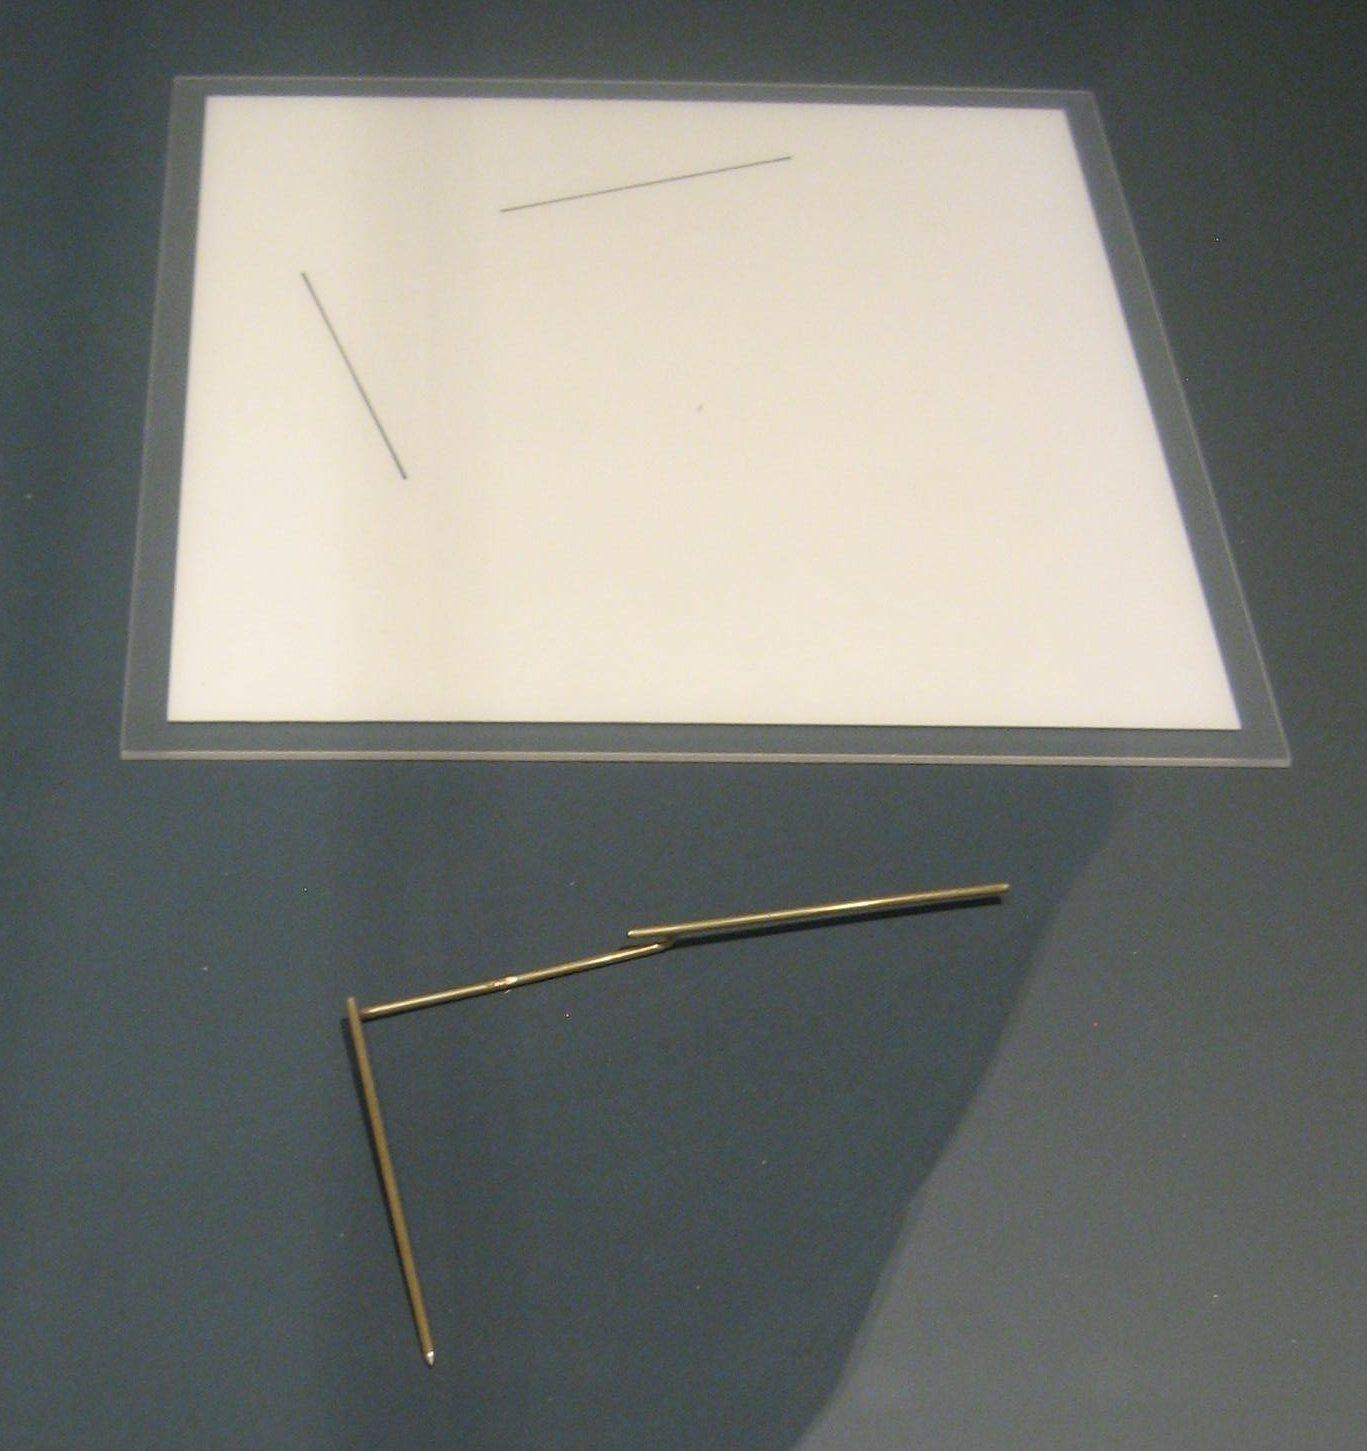 Emmy van Leersum, tekening voor broche, 1979 broche. Toen Emmy nu Gijs, 2018. Collectie Design Museum Den Bosch, papier, tentoonstelling, vitrine